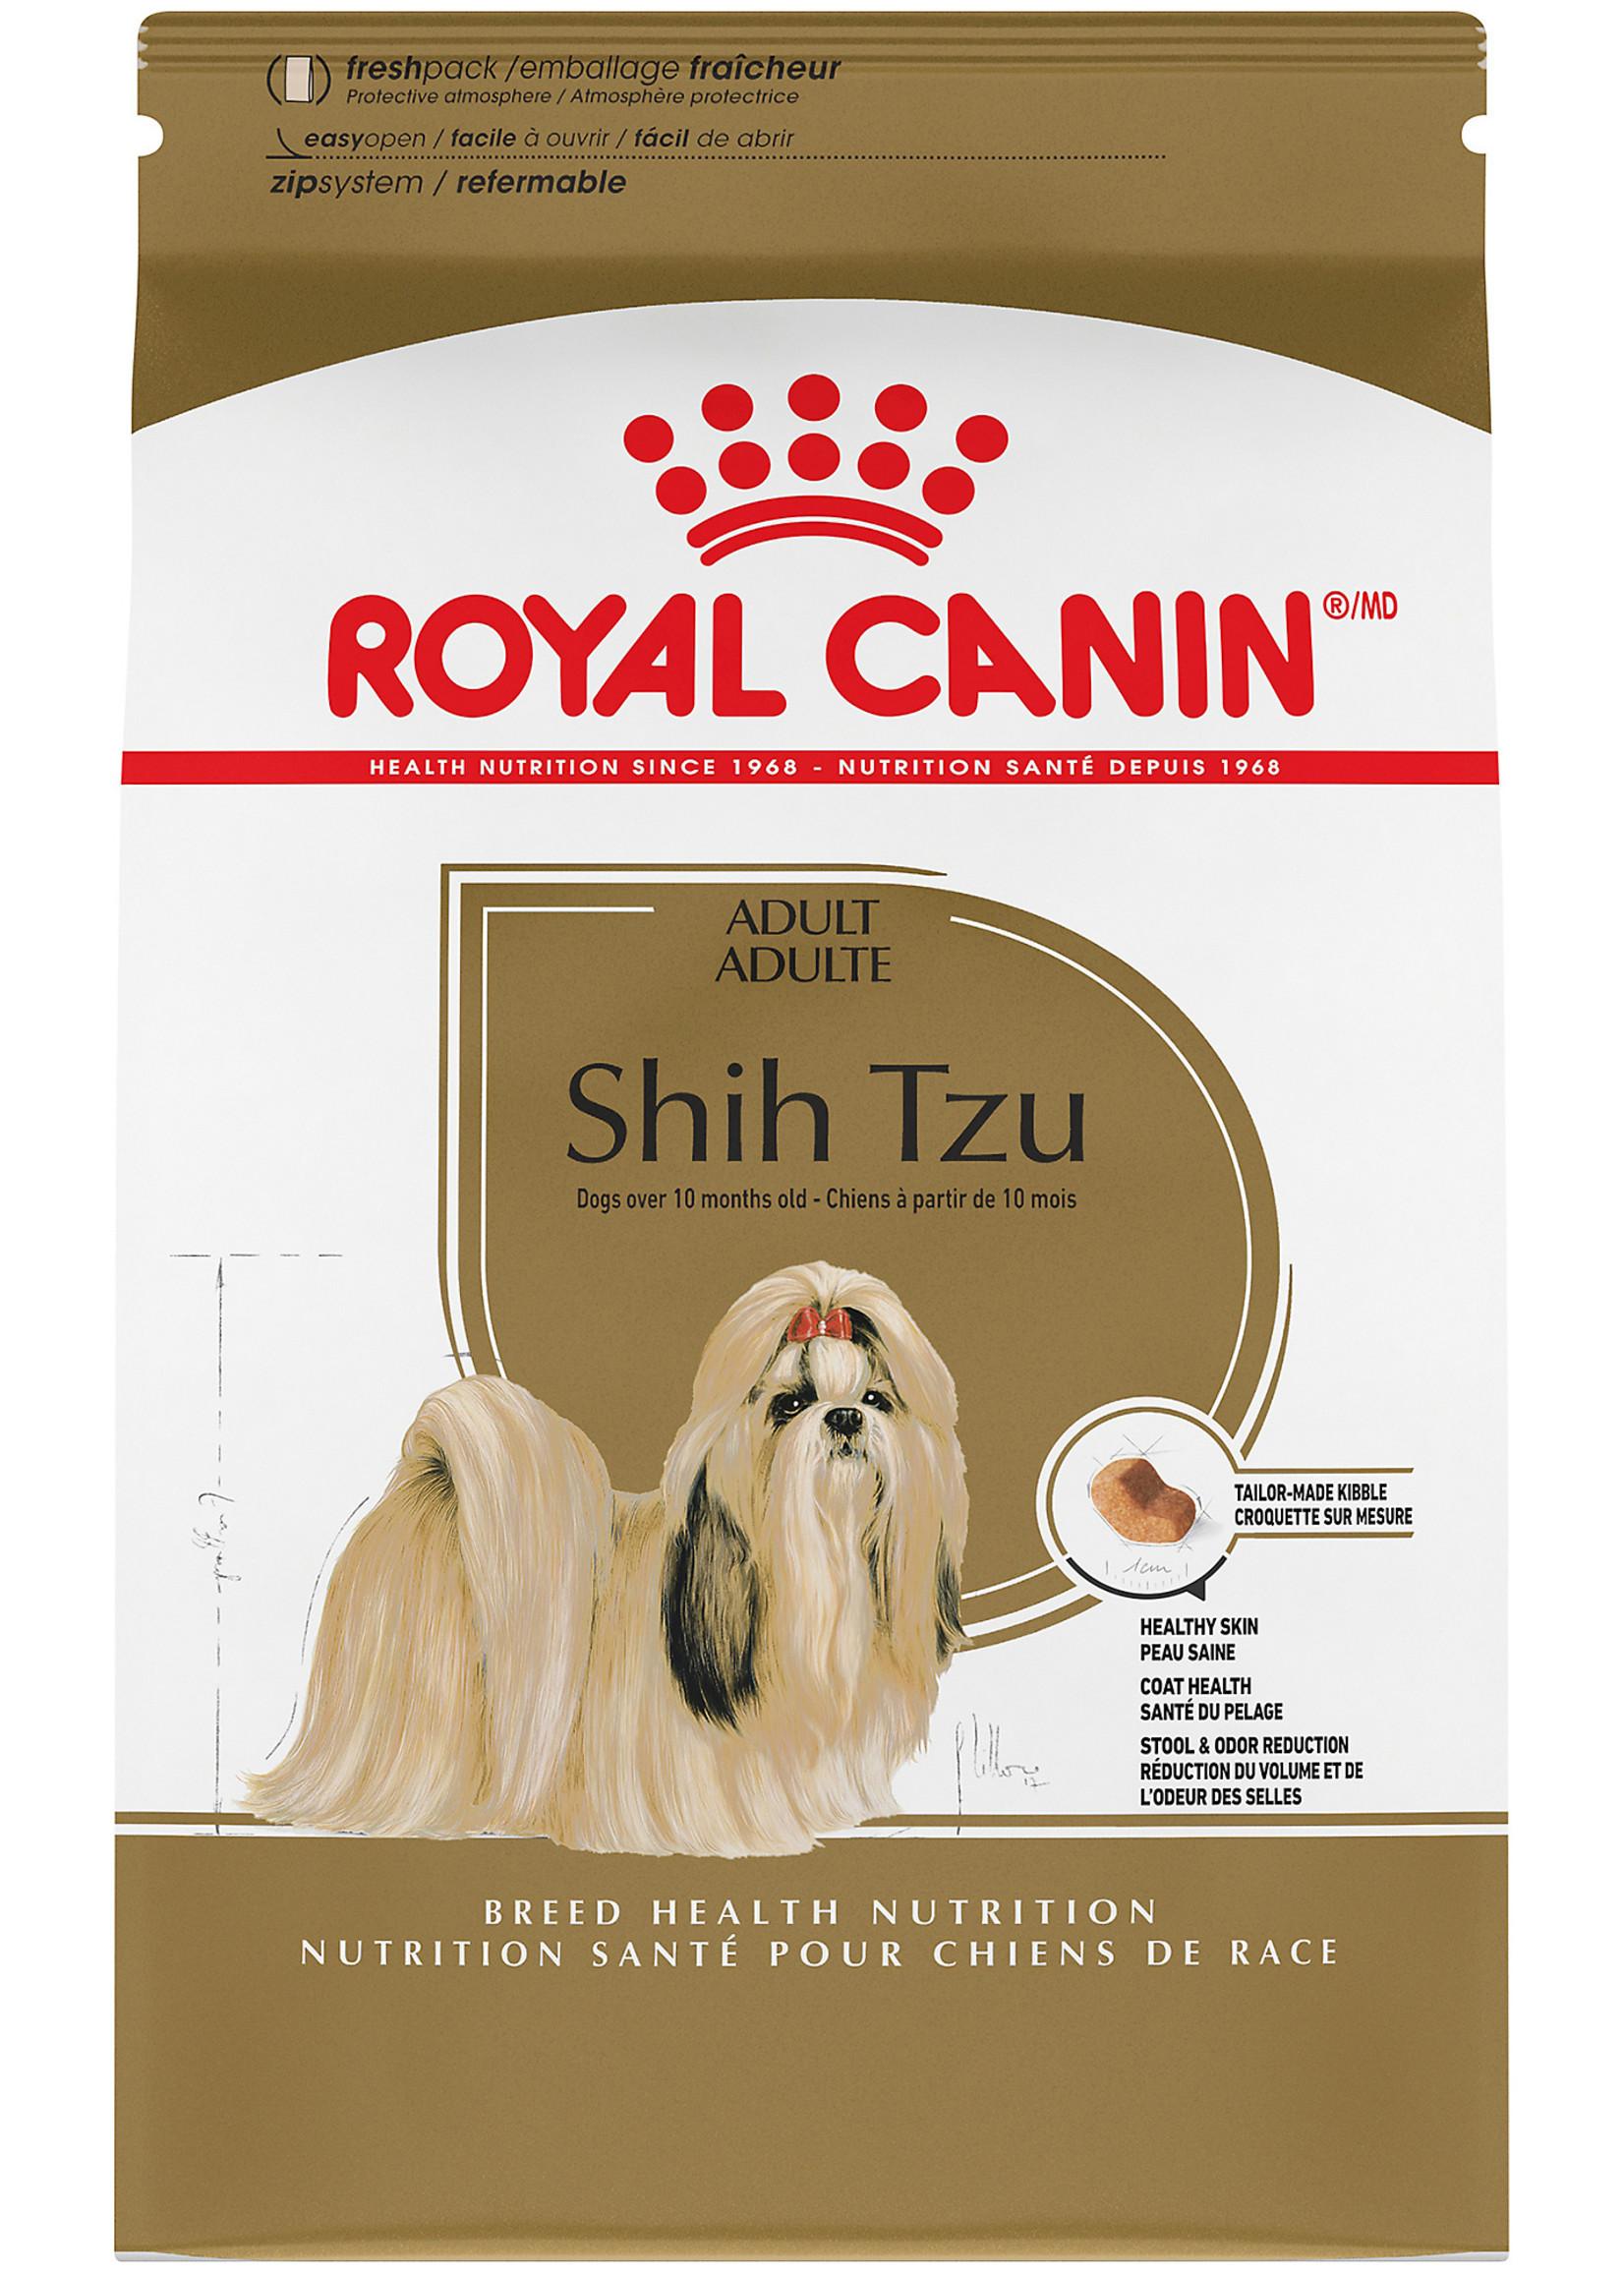 Royal Canin Royal Canin Dog Shih Tzu 10lb